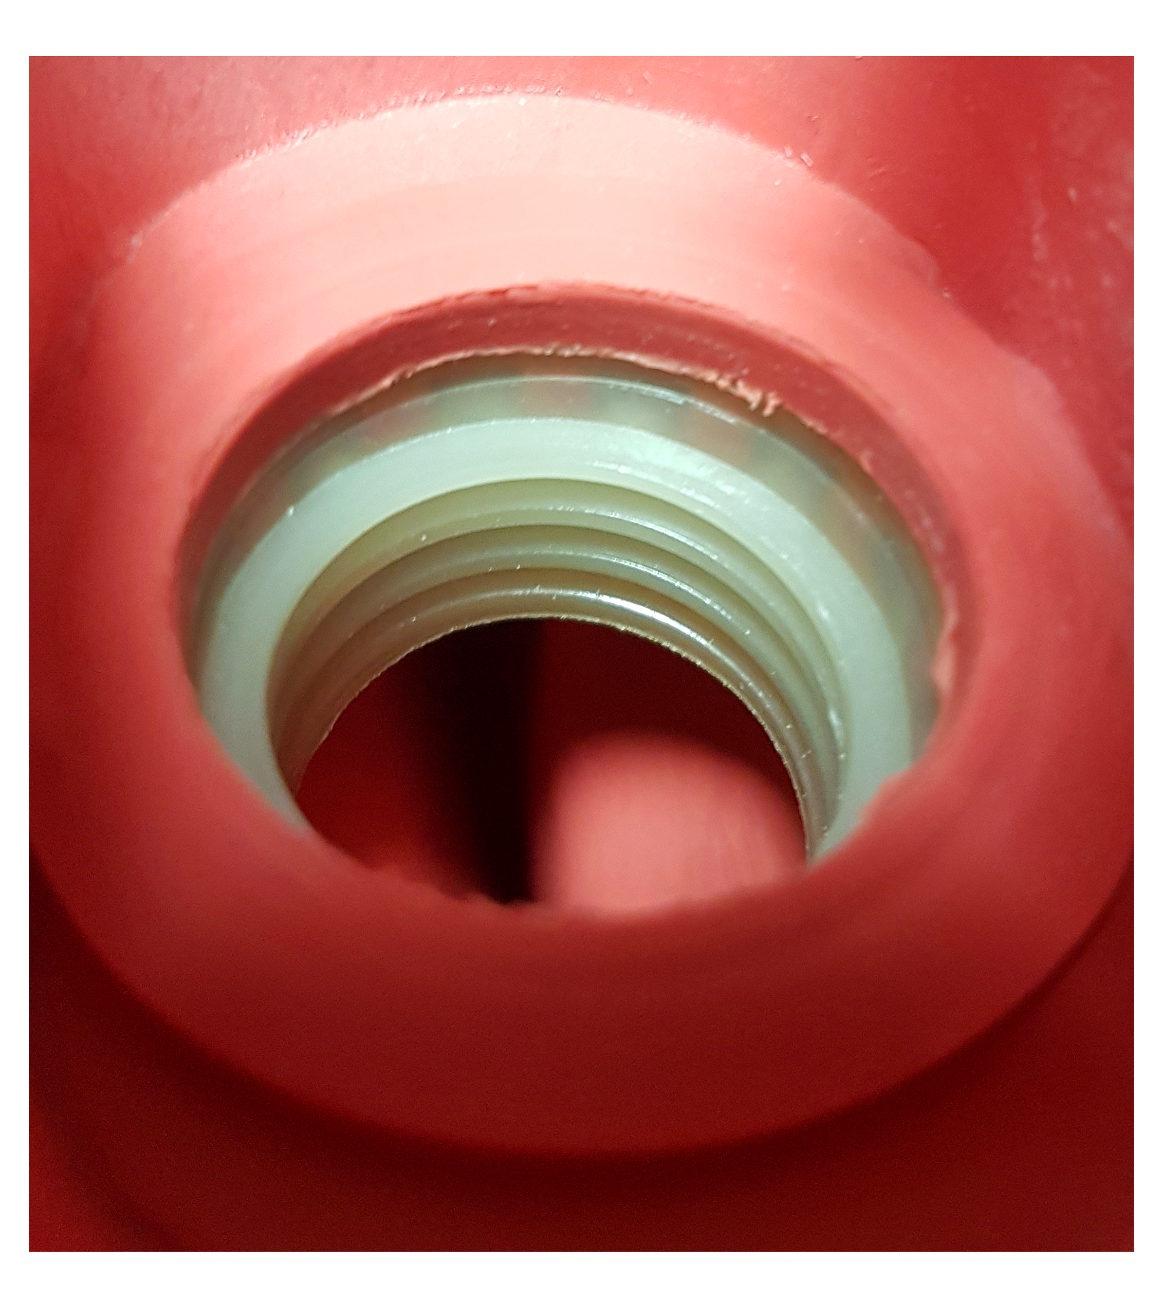 Verschluss f/ür W/ärmeflaschen Ersatzverschluss Schraubverschluss f/ür W/ärmflaschen mit Messinggewinde